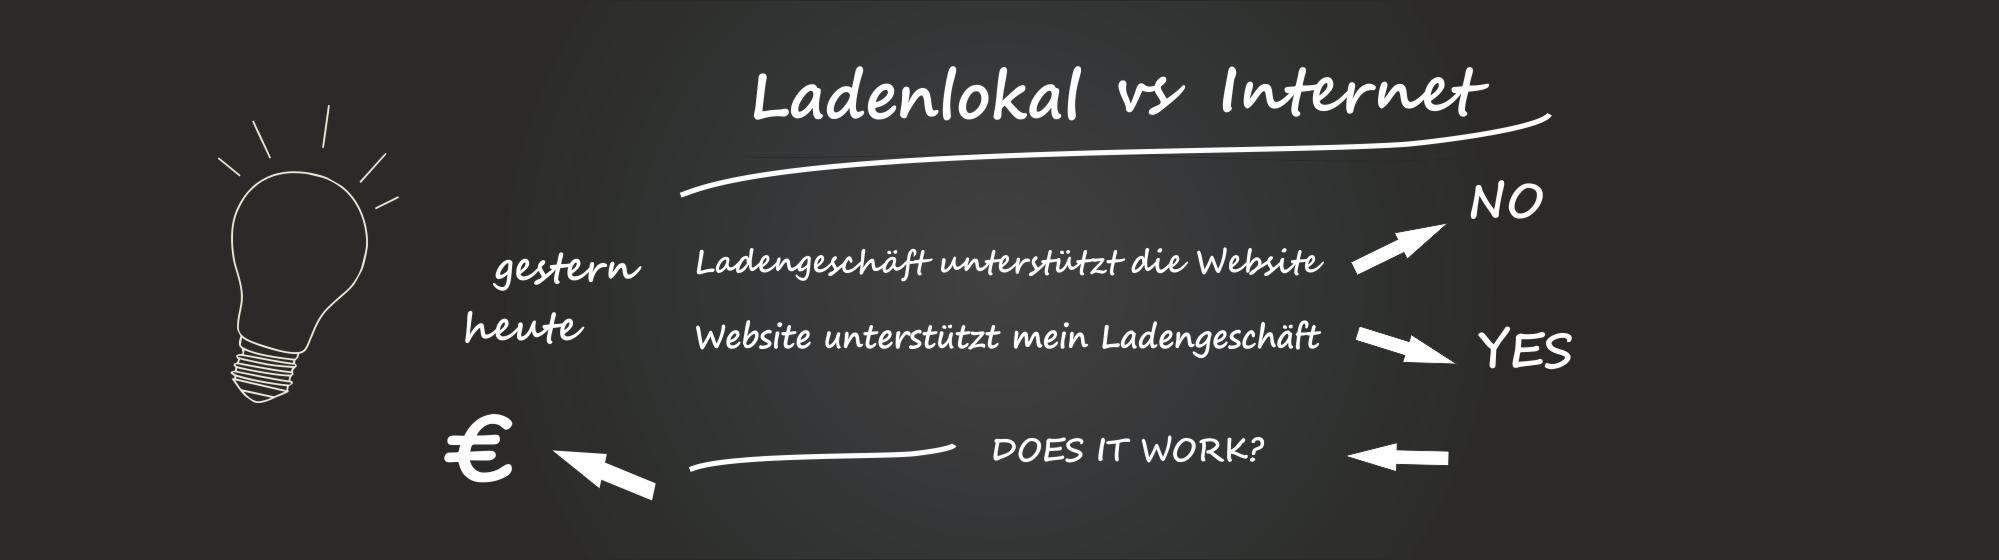 verkaufsfördernde website